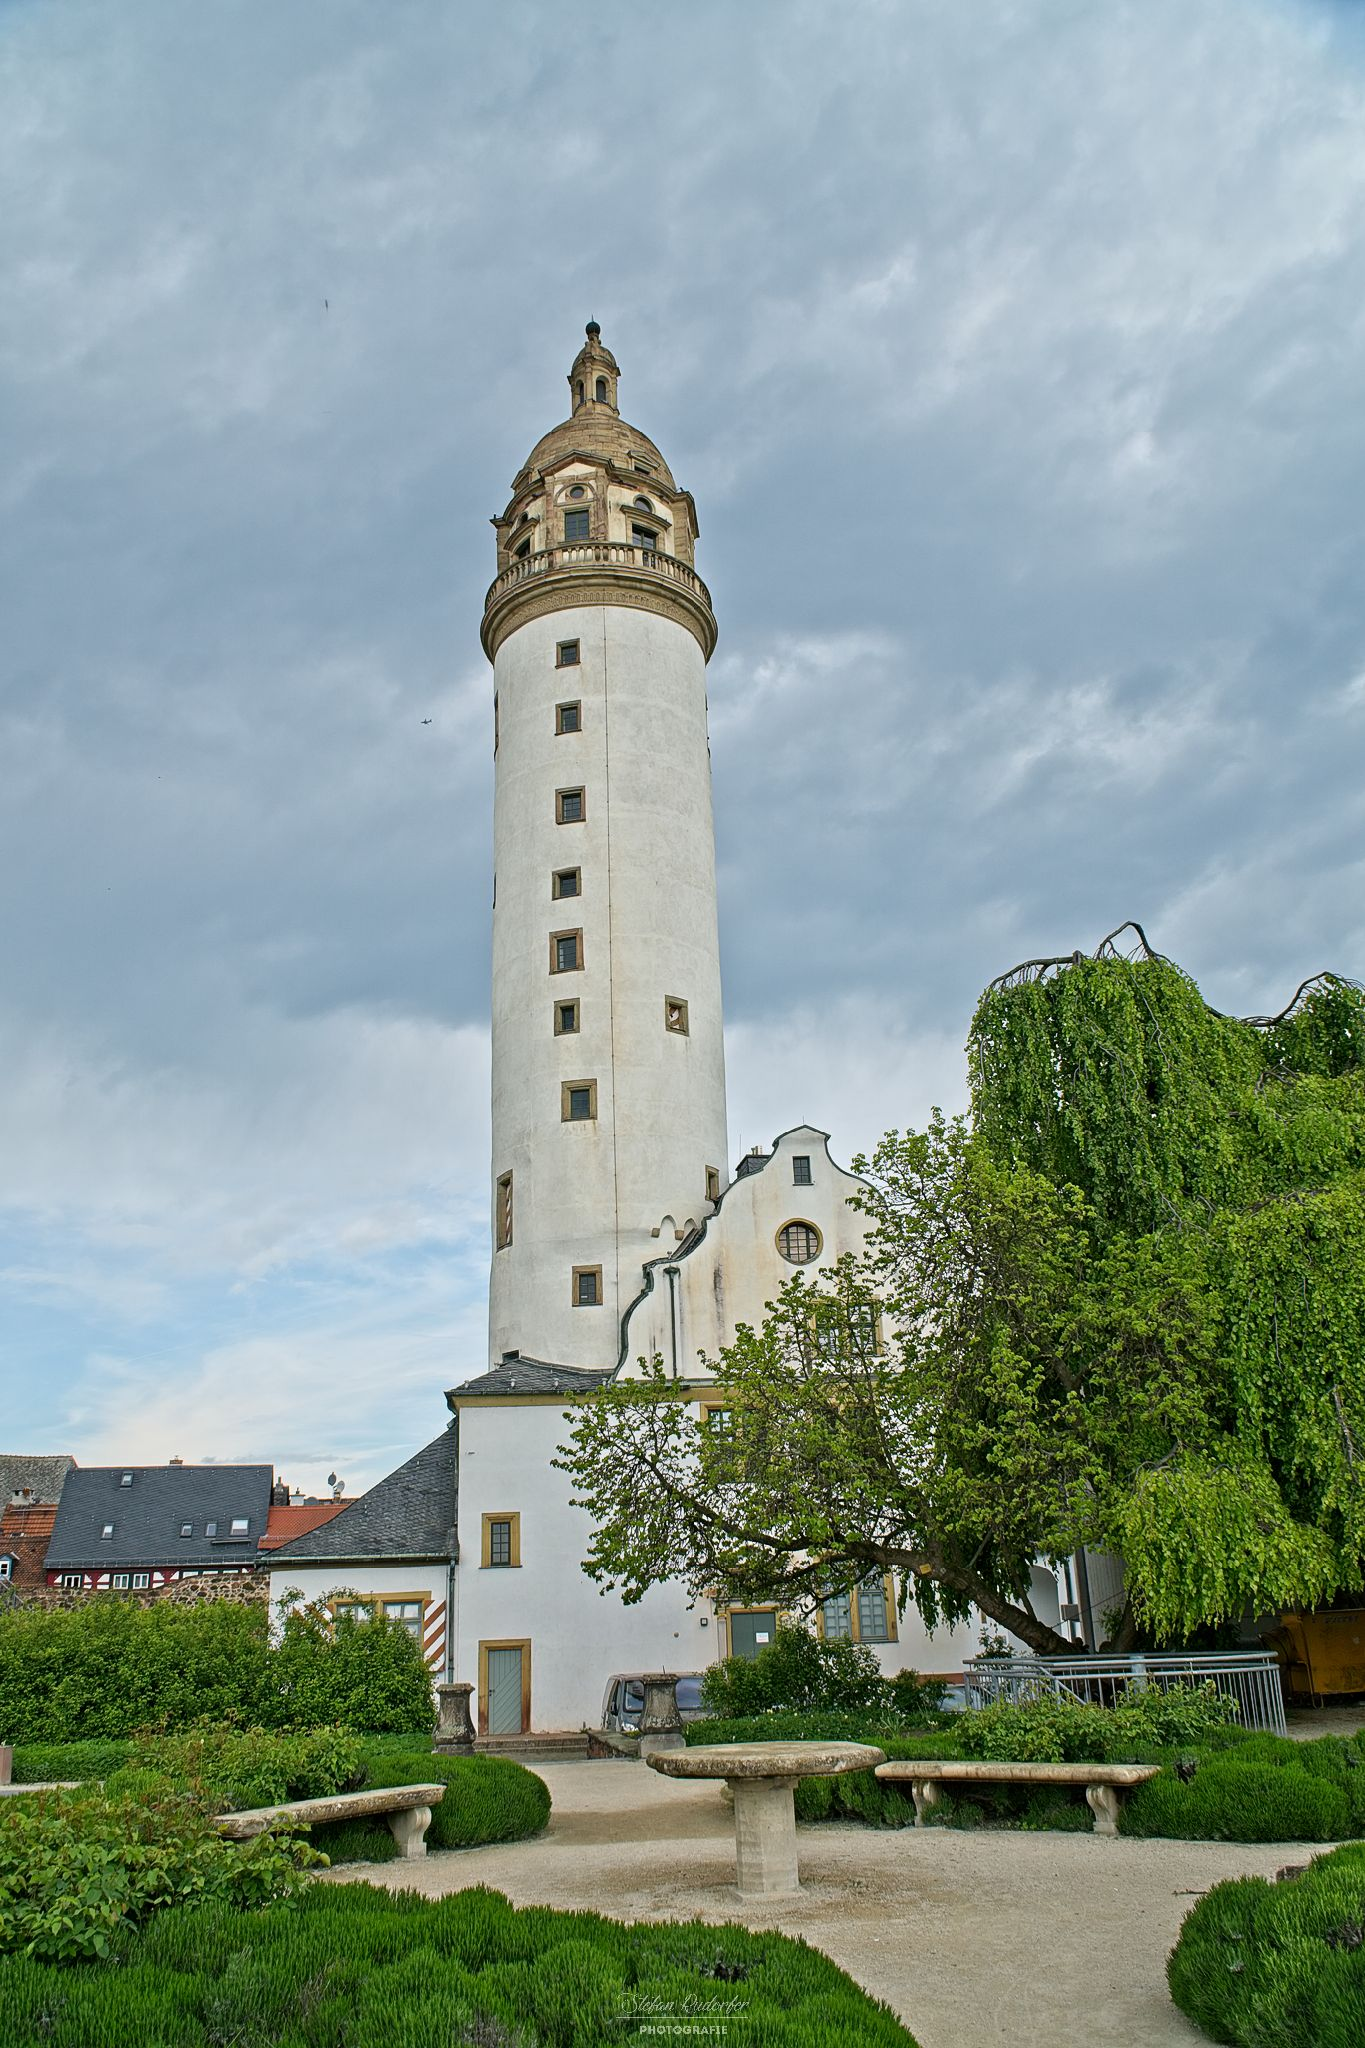 Turm am Schloss